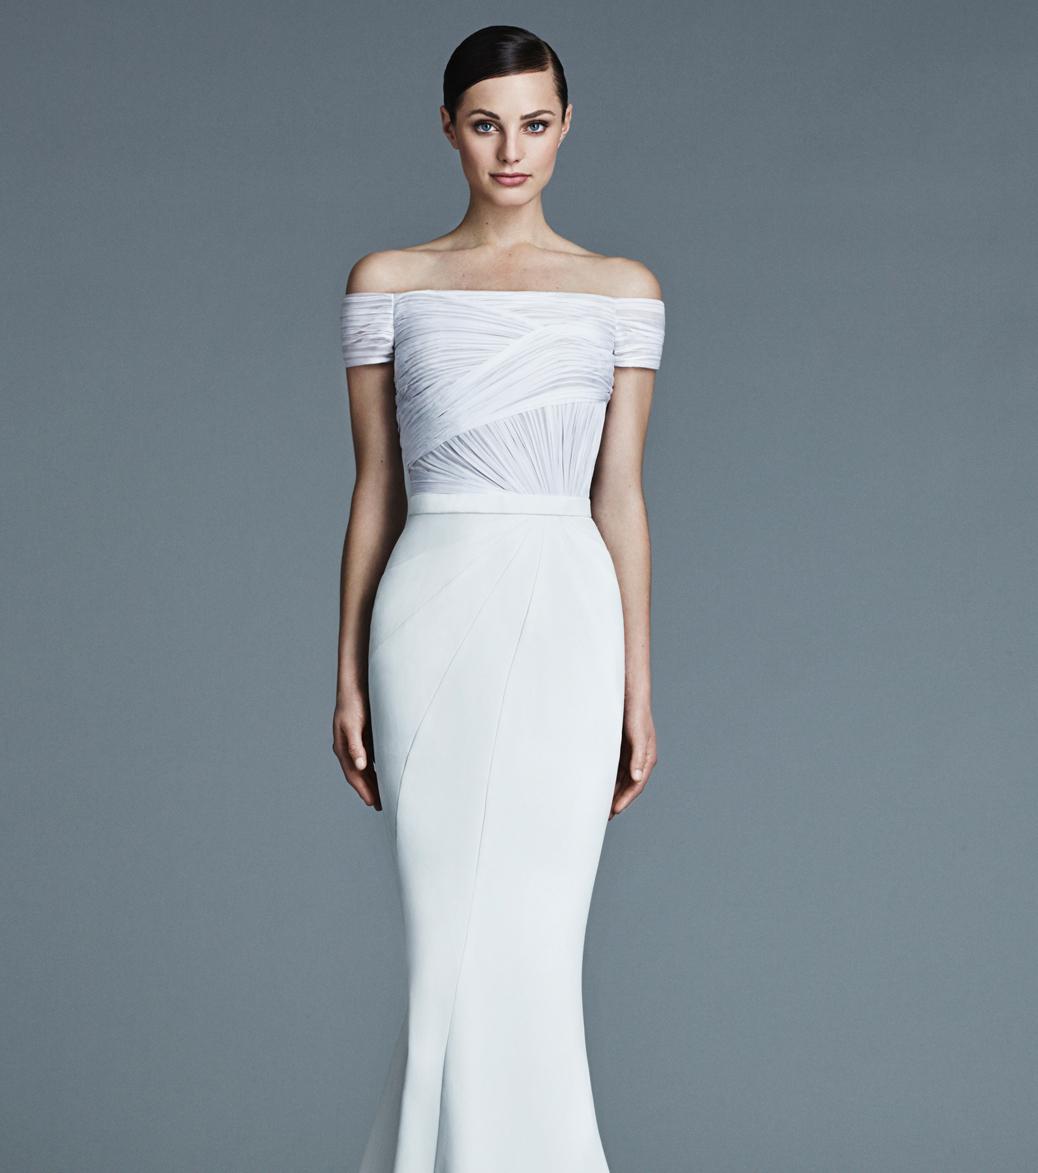 Hochzeitskleider 2016: Spitze, kurz, A-Linie, die Trends des Jahres